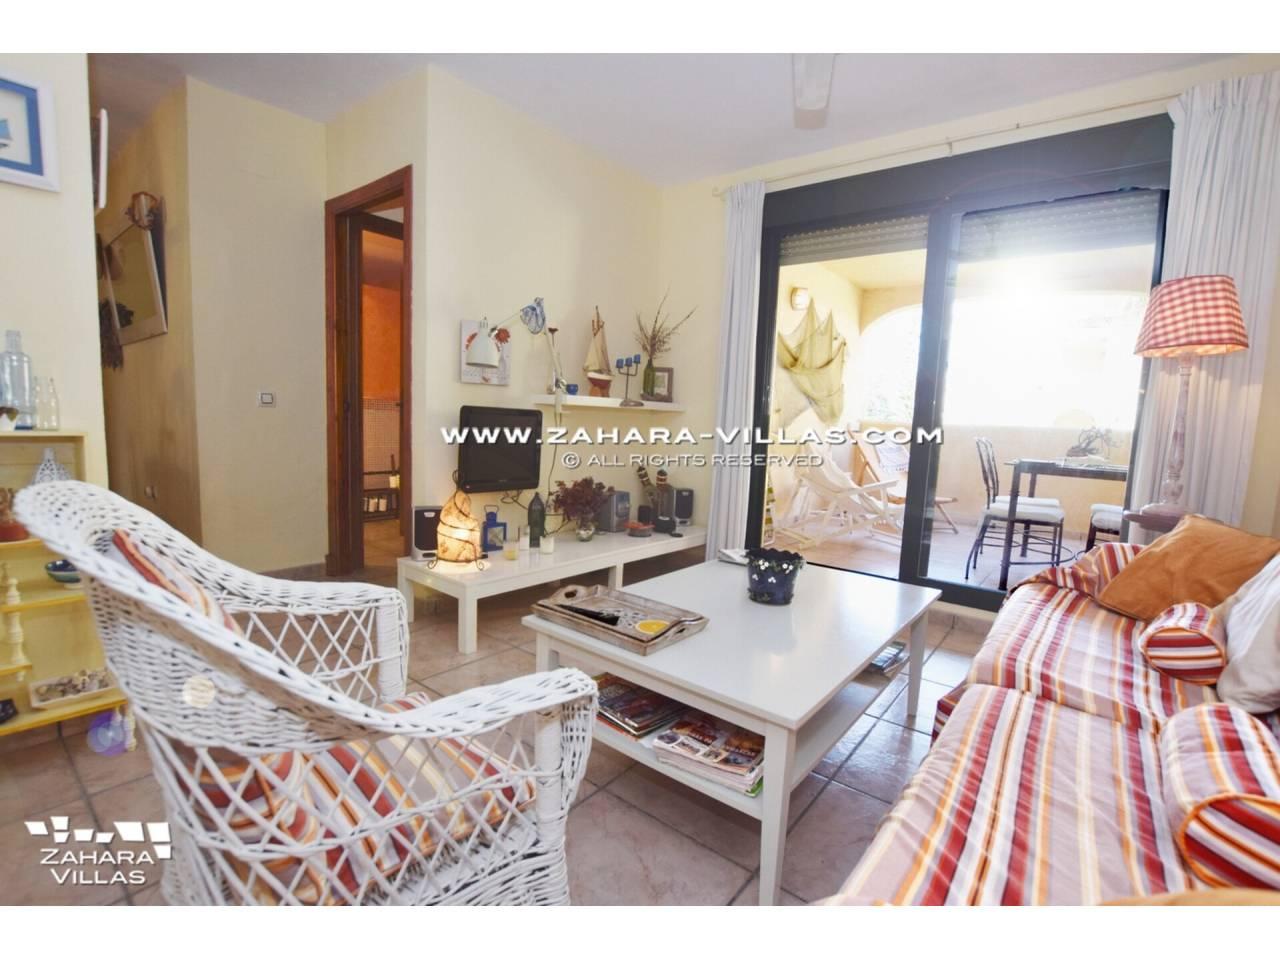 Imagen 4 de Coqueto apartamento en venta en urbanización Jardines de Zahara - Atlanterra